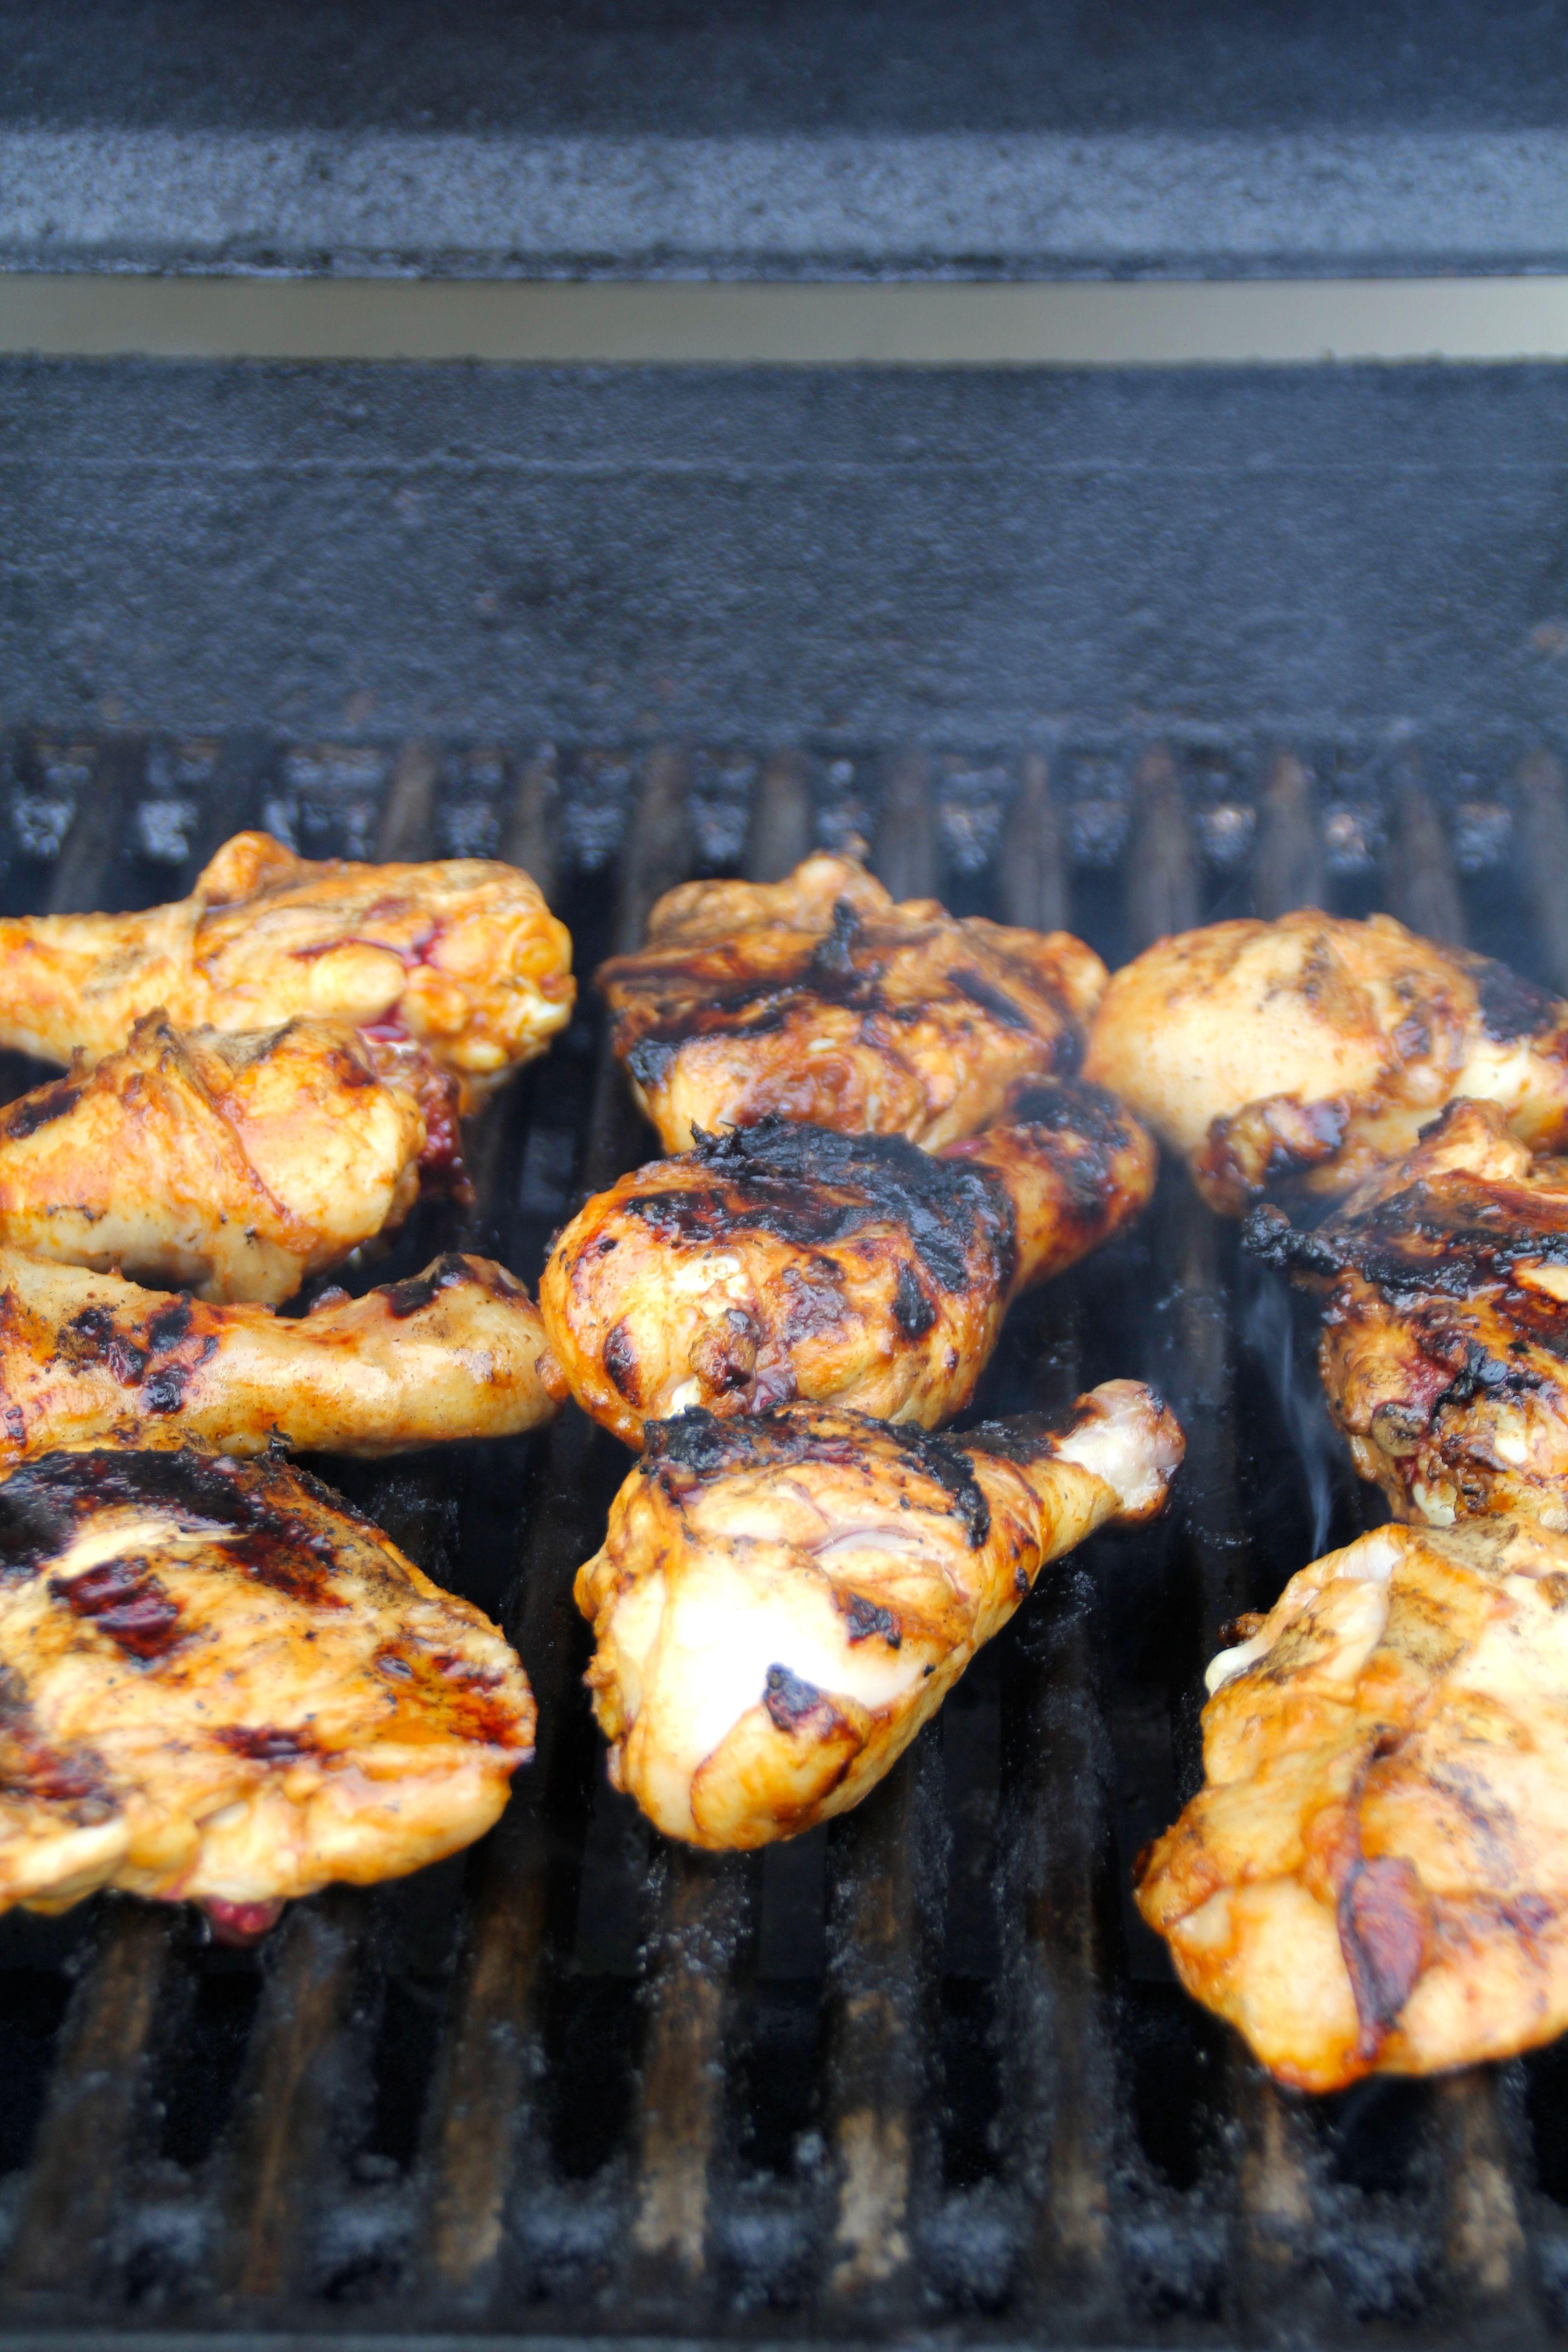 grillsaus